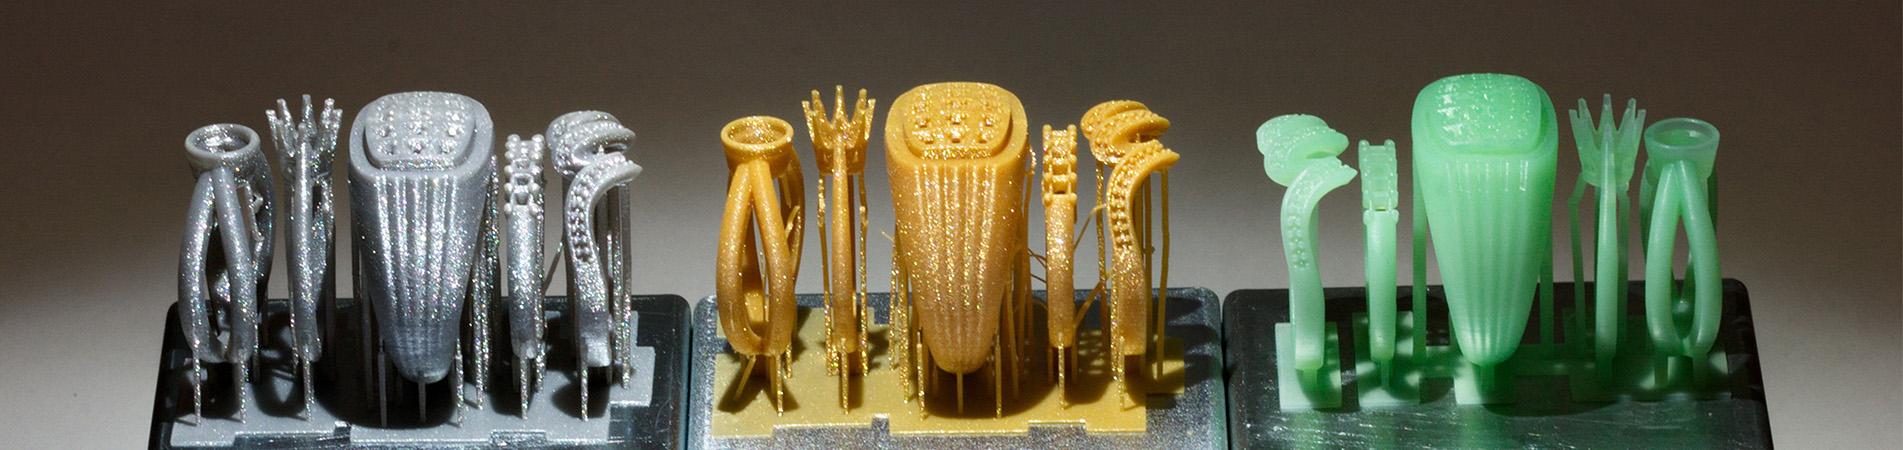 Corsi 3D University per la gioielleria